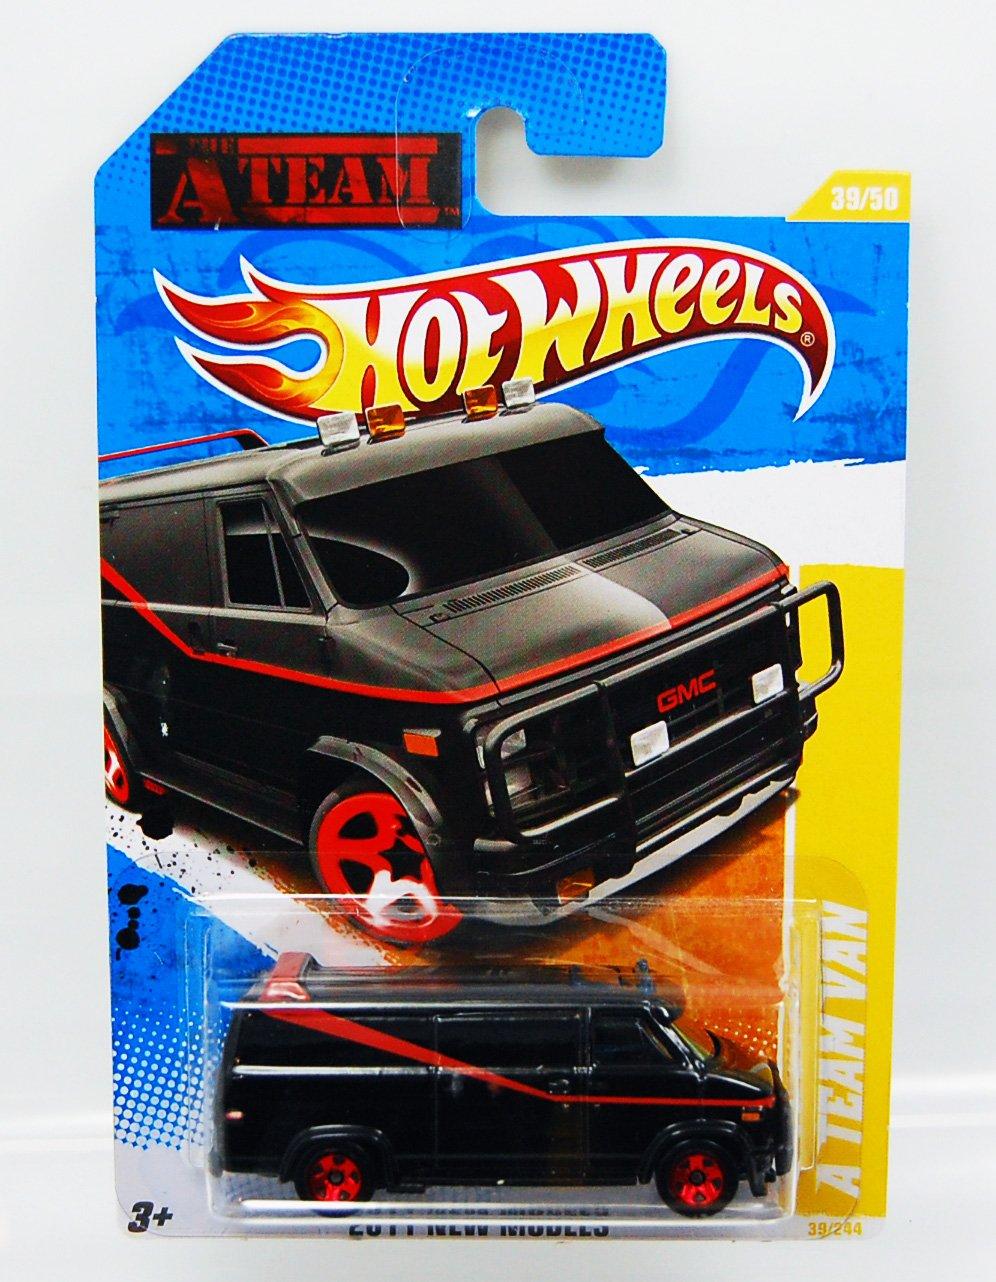 Hot Wheels Ateam Van Diecast 2012 New Models 164 Scale Sale On Hotwheels Volkswagen Baja Bug White Tropicool Series